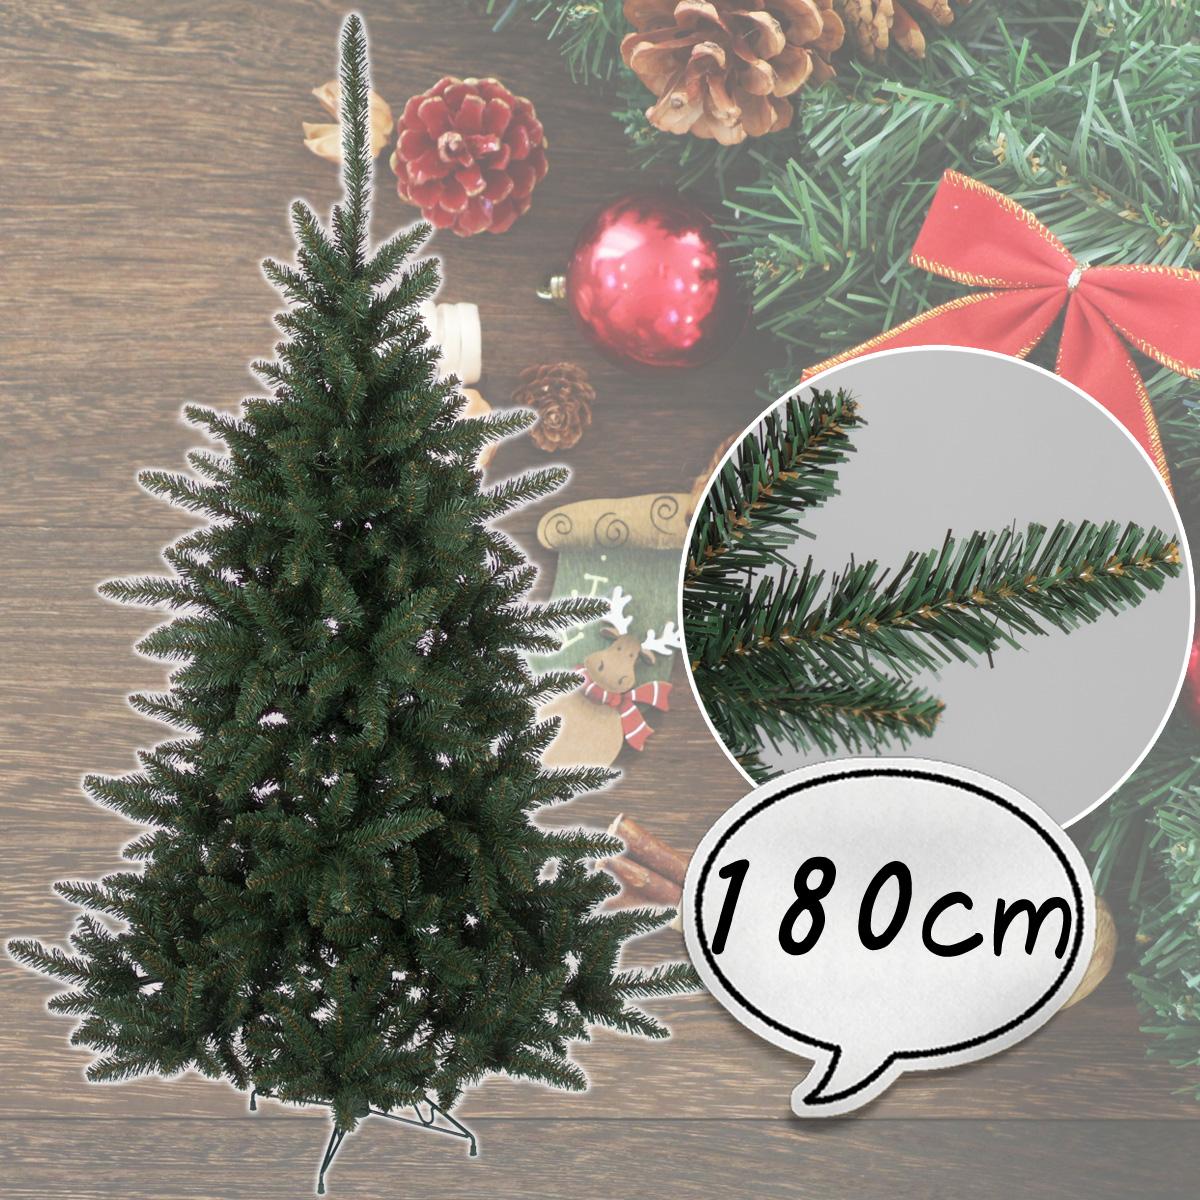 クリスマスツリー 180cm [ツリー 木 単品 ] ロイヤルモントレーツリー 北欧 おしゃれ